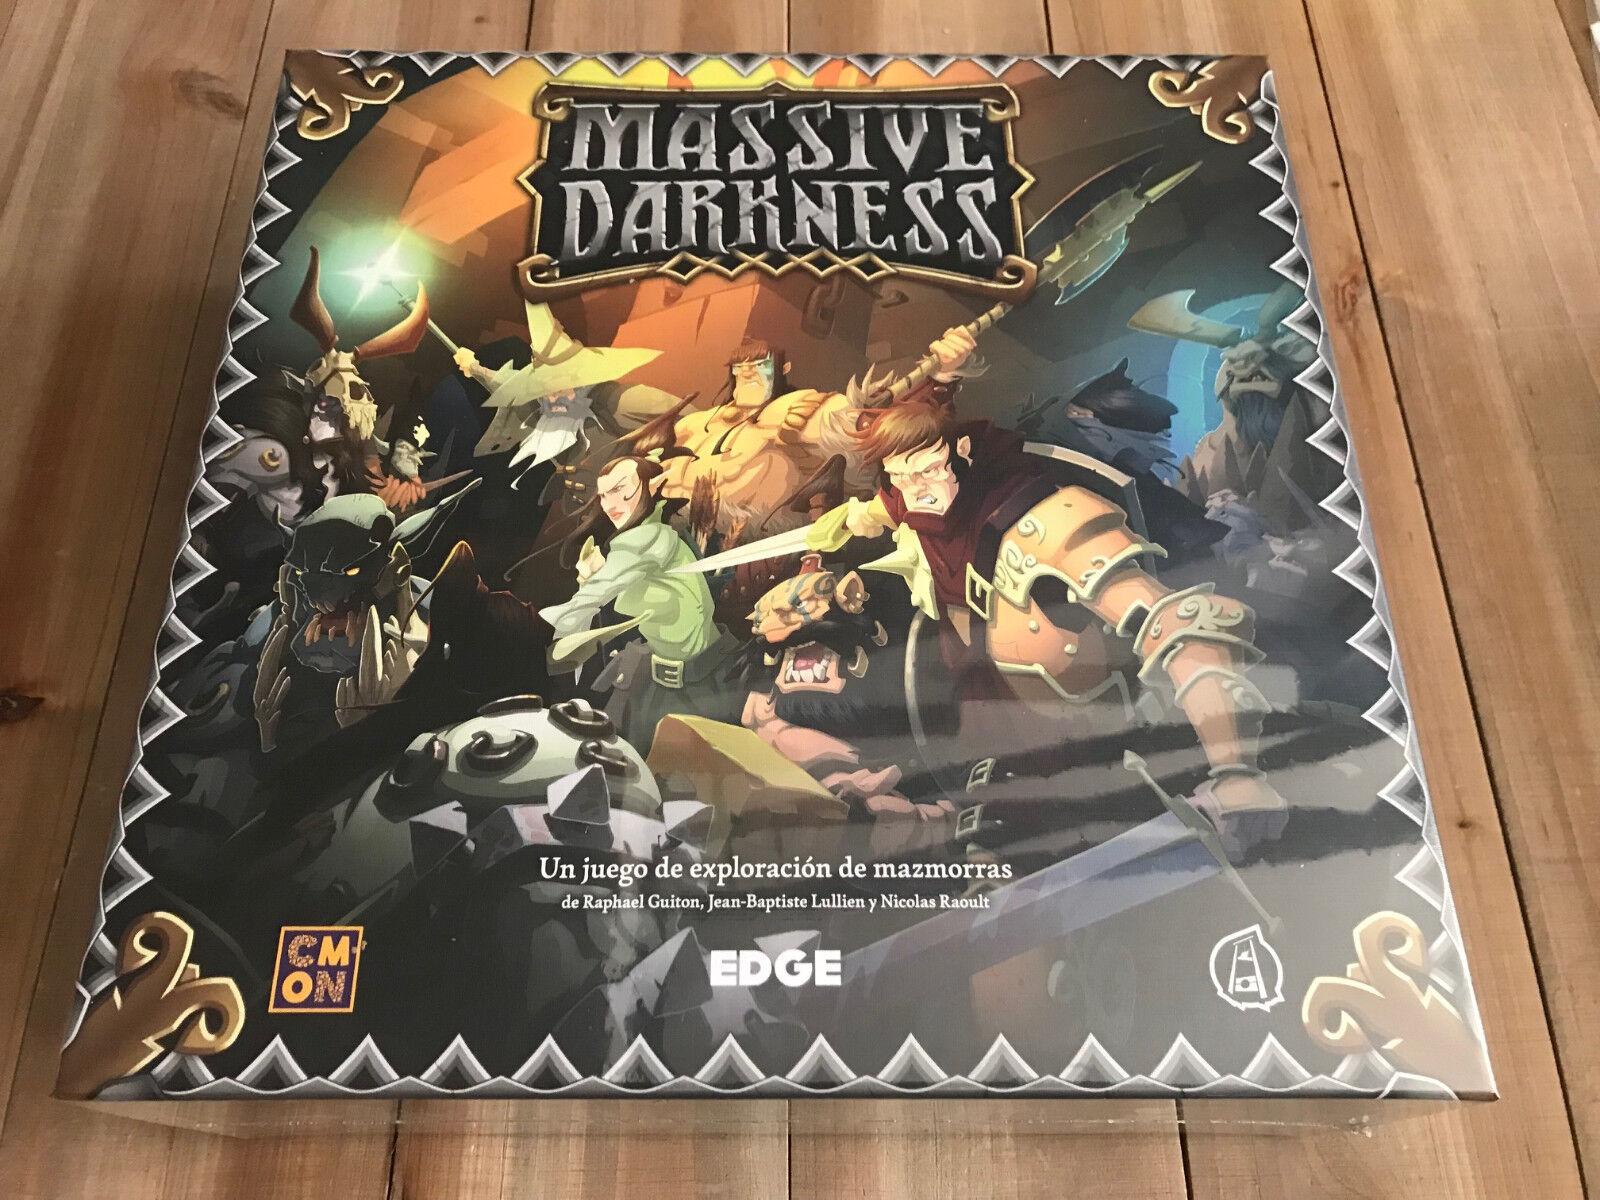 Jeu de Table - Massive  Darkness - Edge - Cmon - Scellé - Jeu de Tableau  service honnête